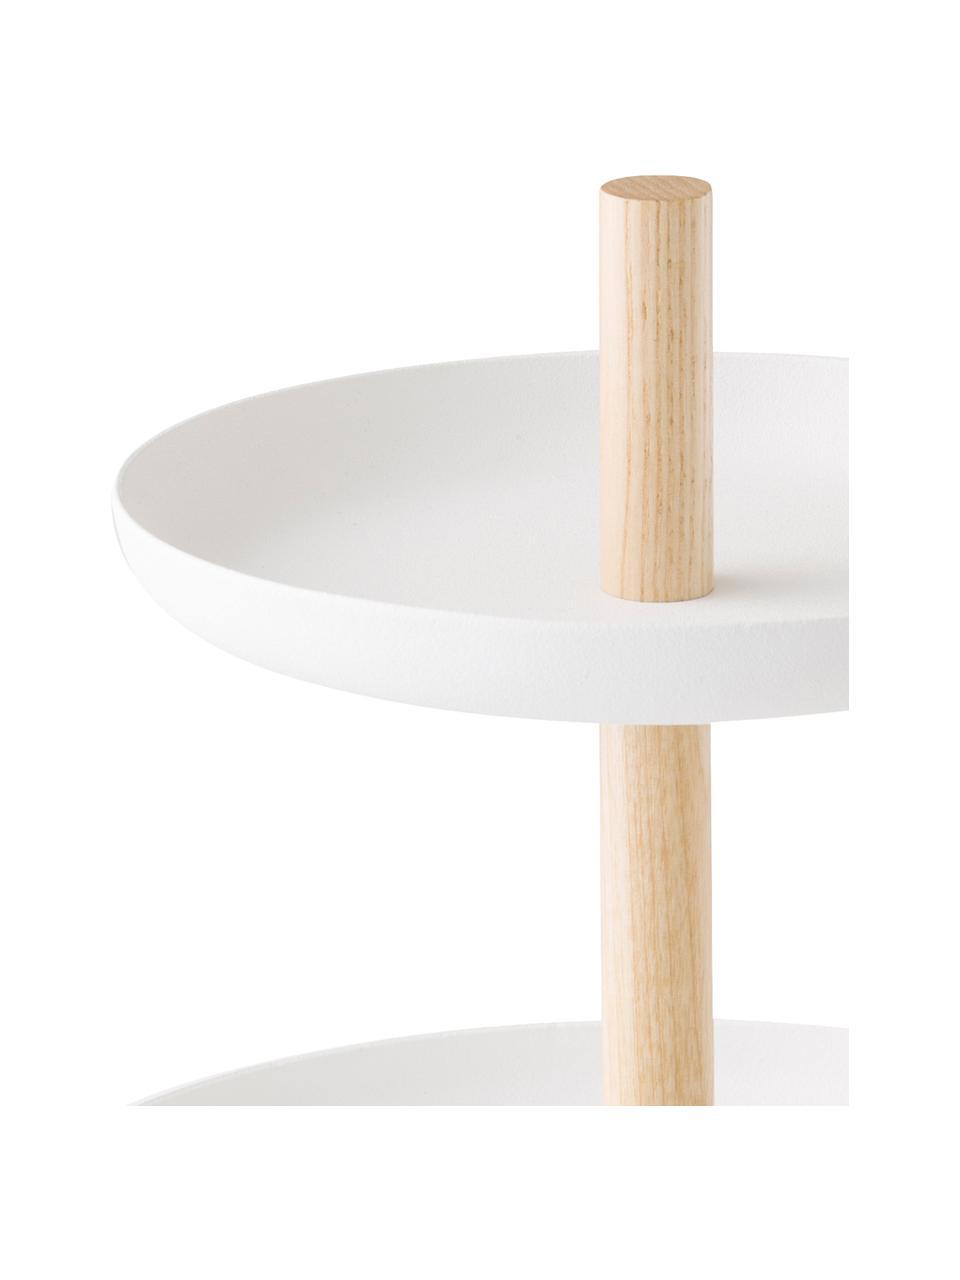 Etagere Tosca aus Stahl und Holz, Ø 20 cm, Stange: Holz, Weiß, Braun, 20 x 24 cm